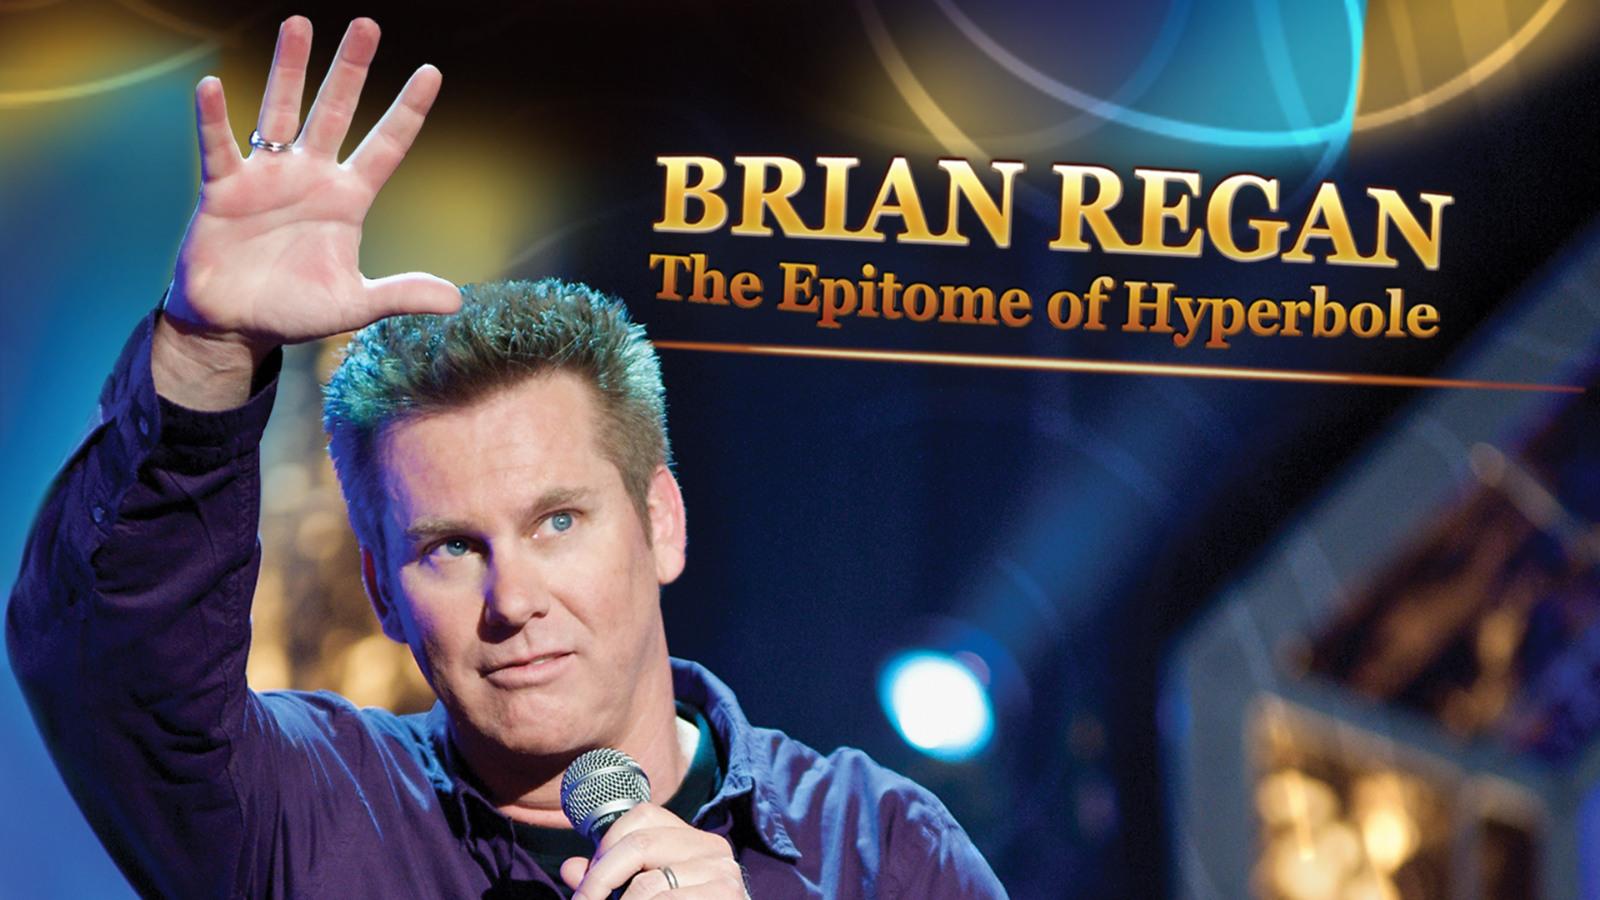 Brian Regan: The Epitome of Hyperbole